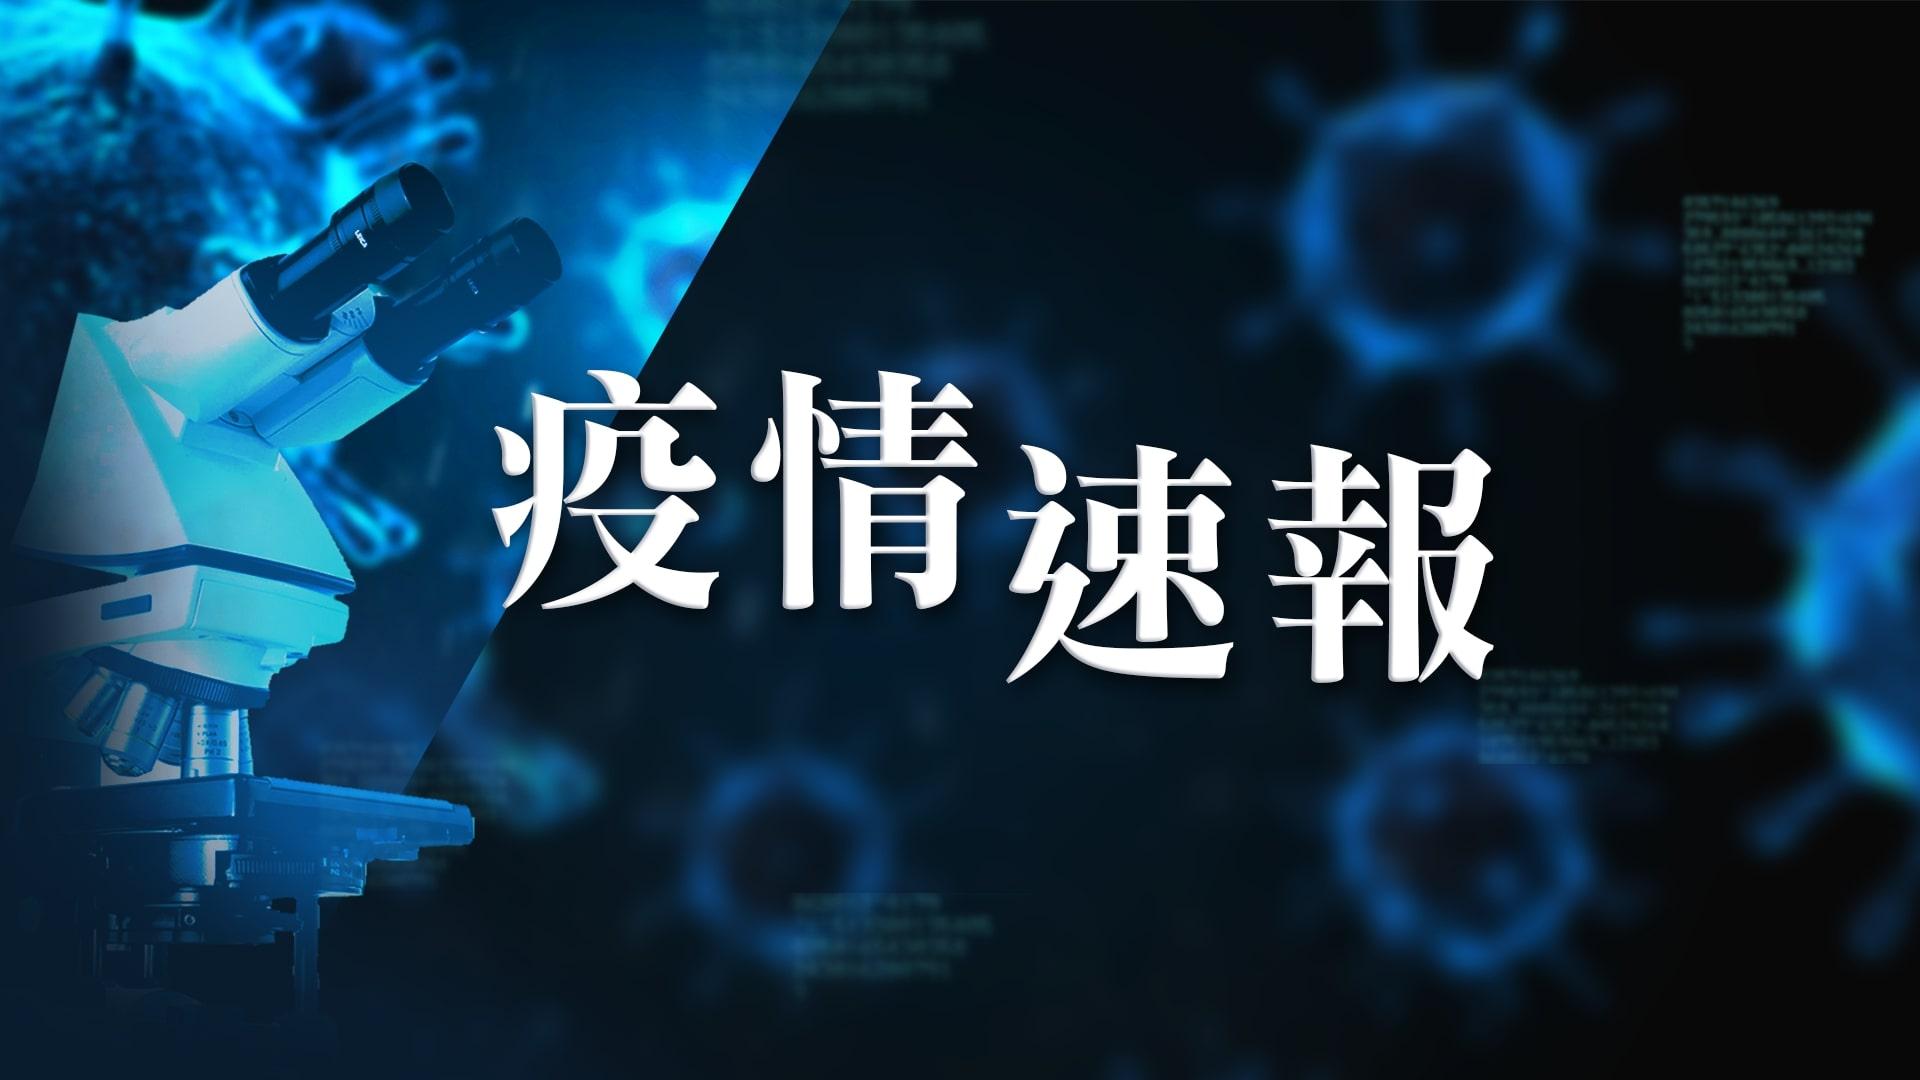 【6月4日疫情速報】(22:35)